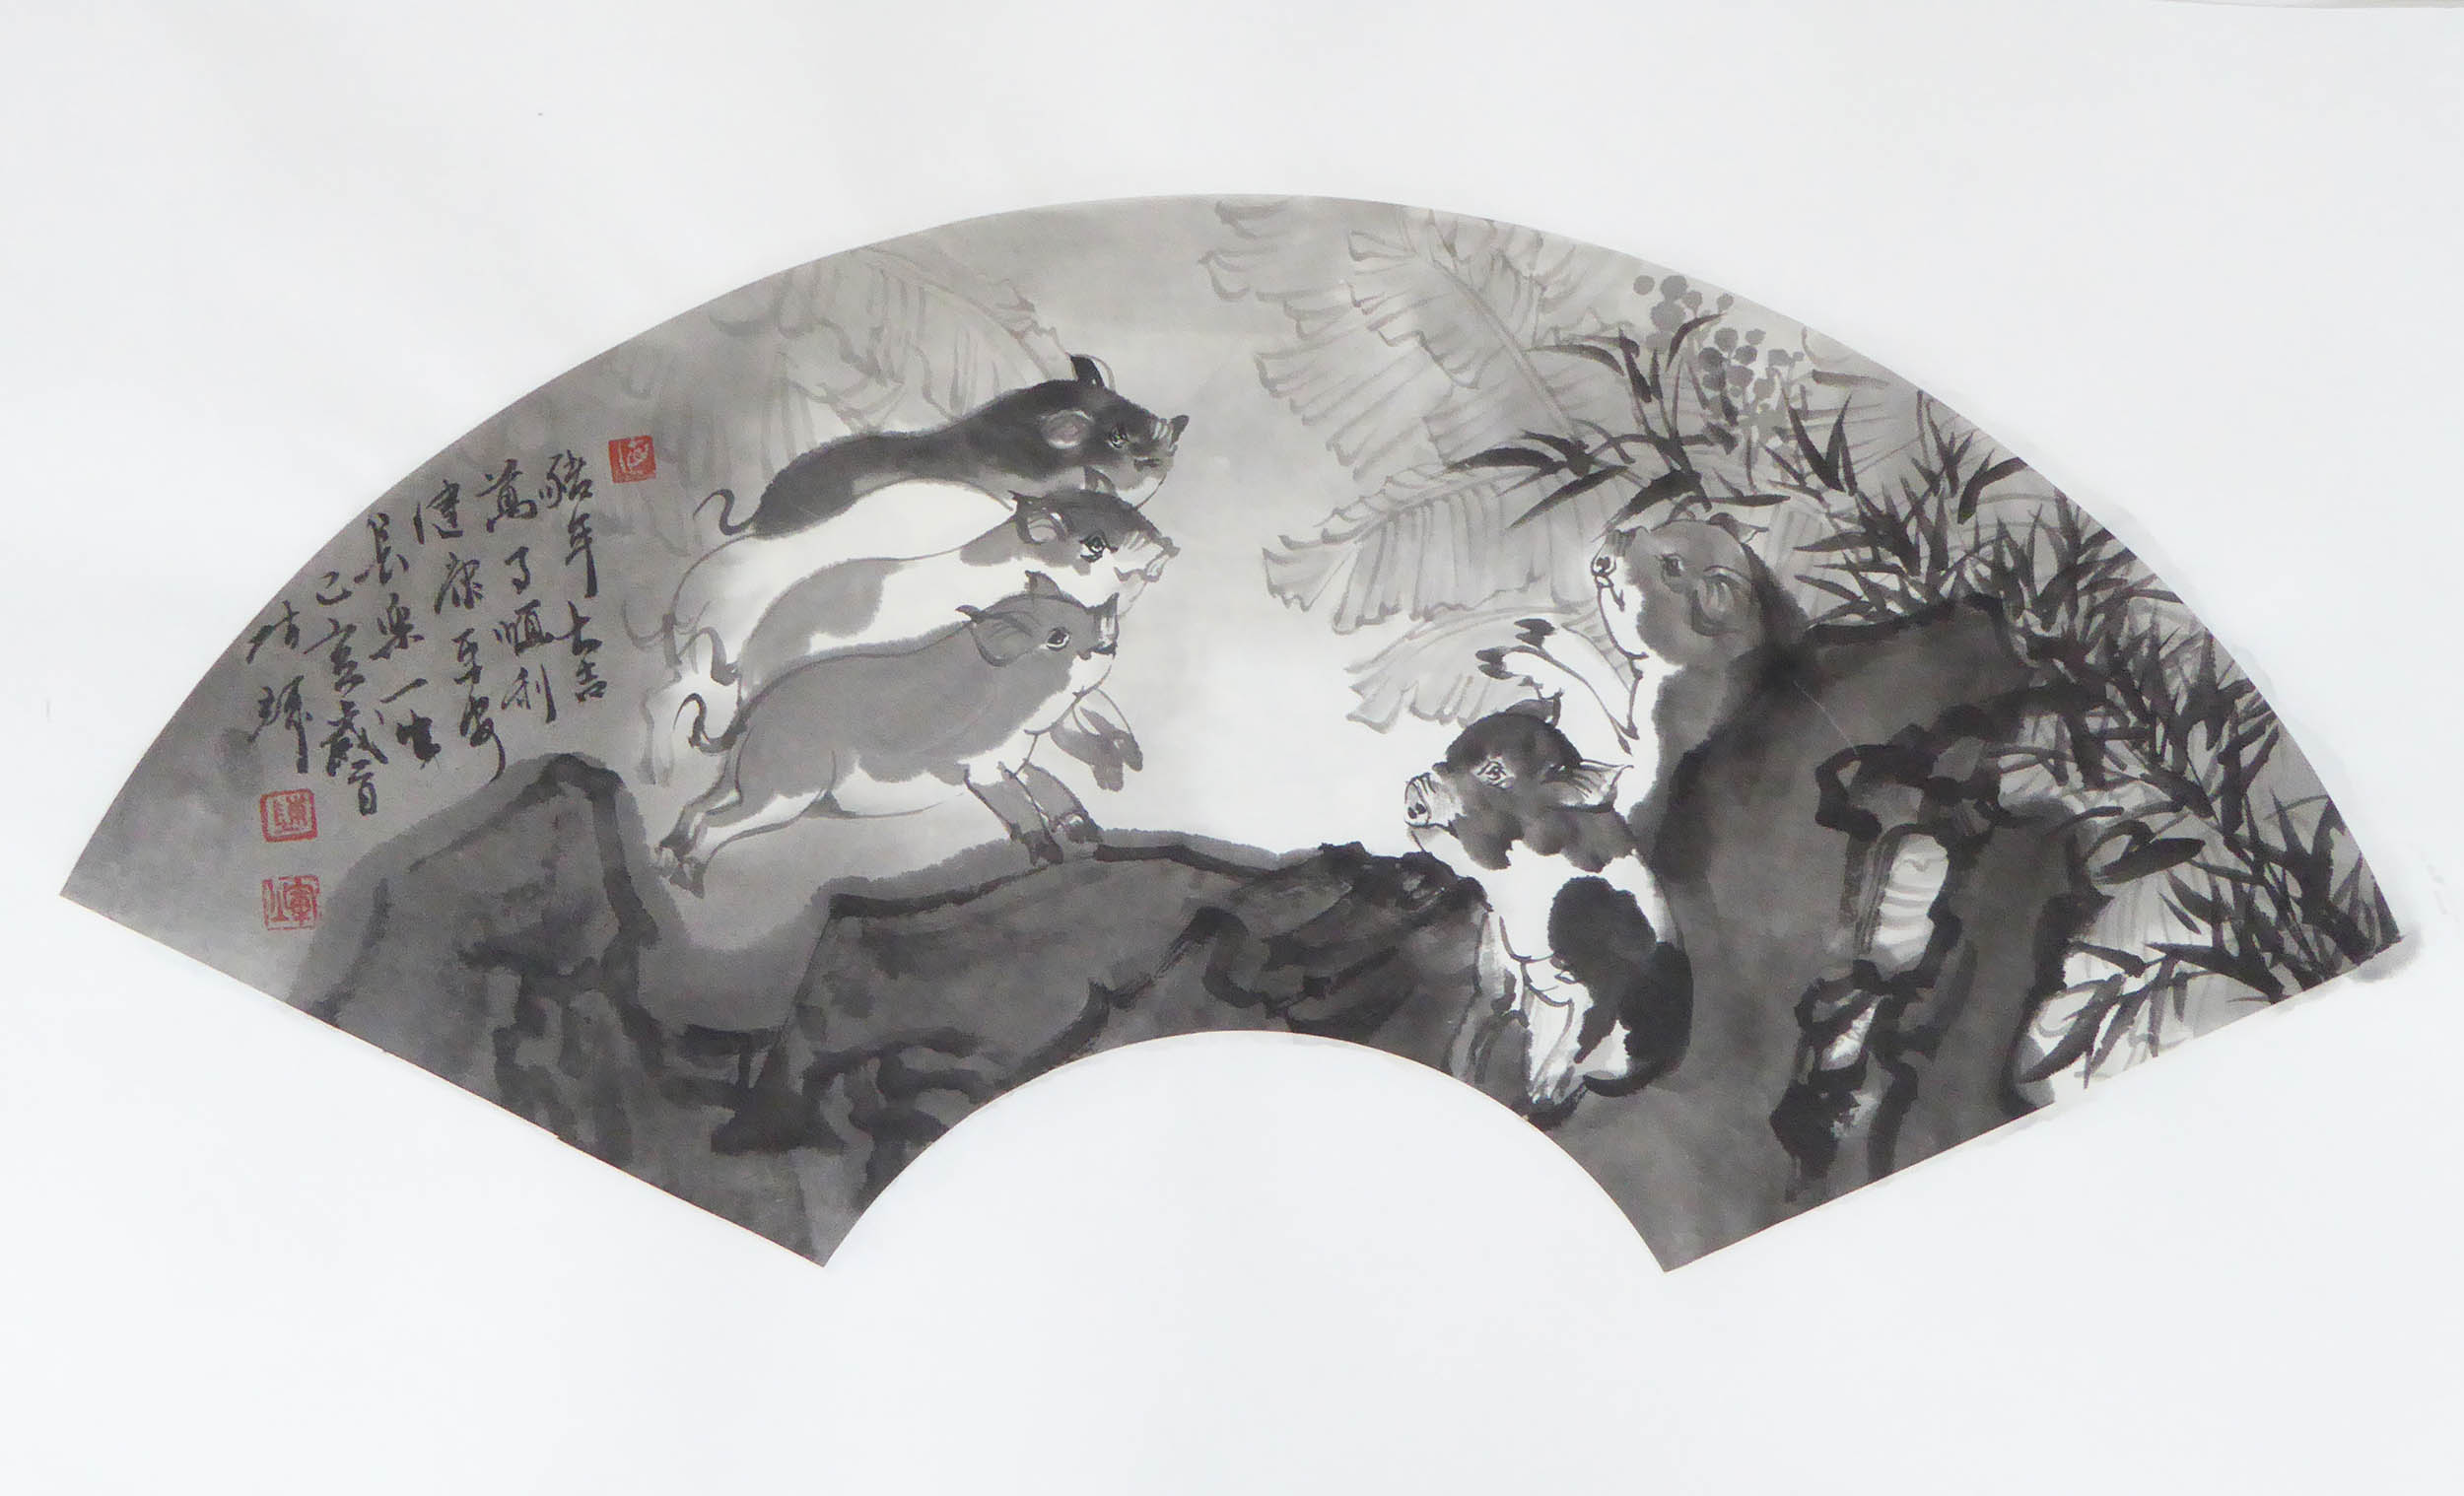 陈辉作品2019猪年吉祥09